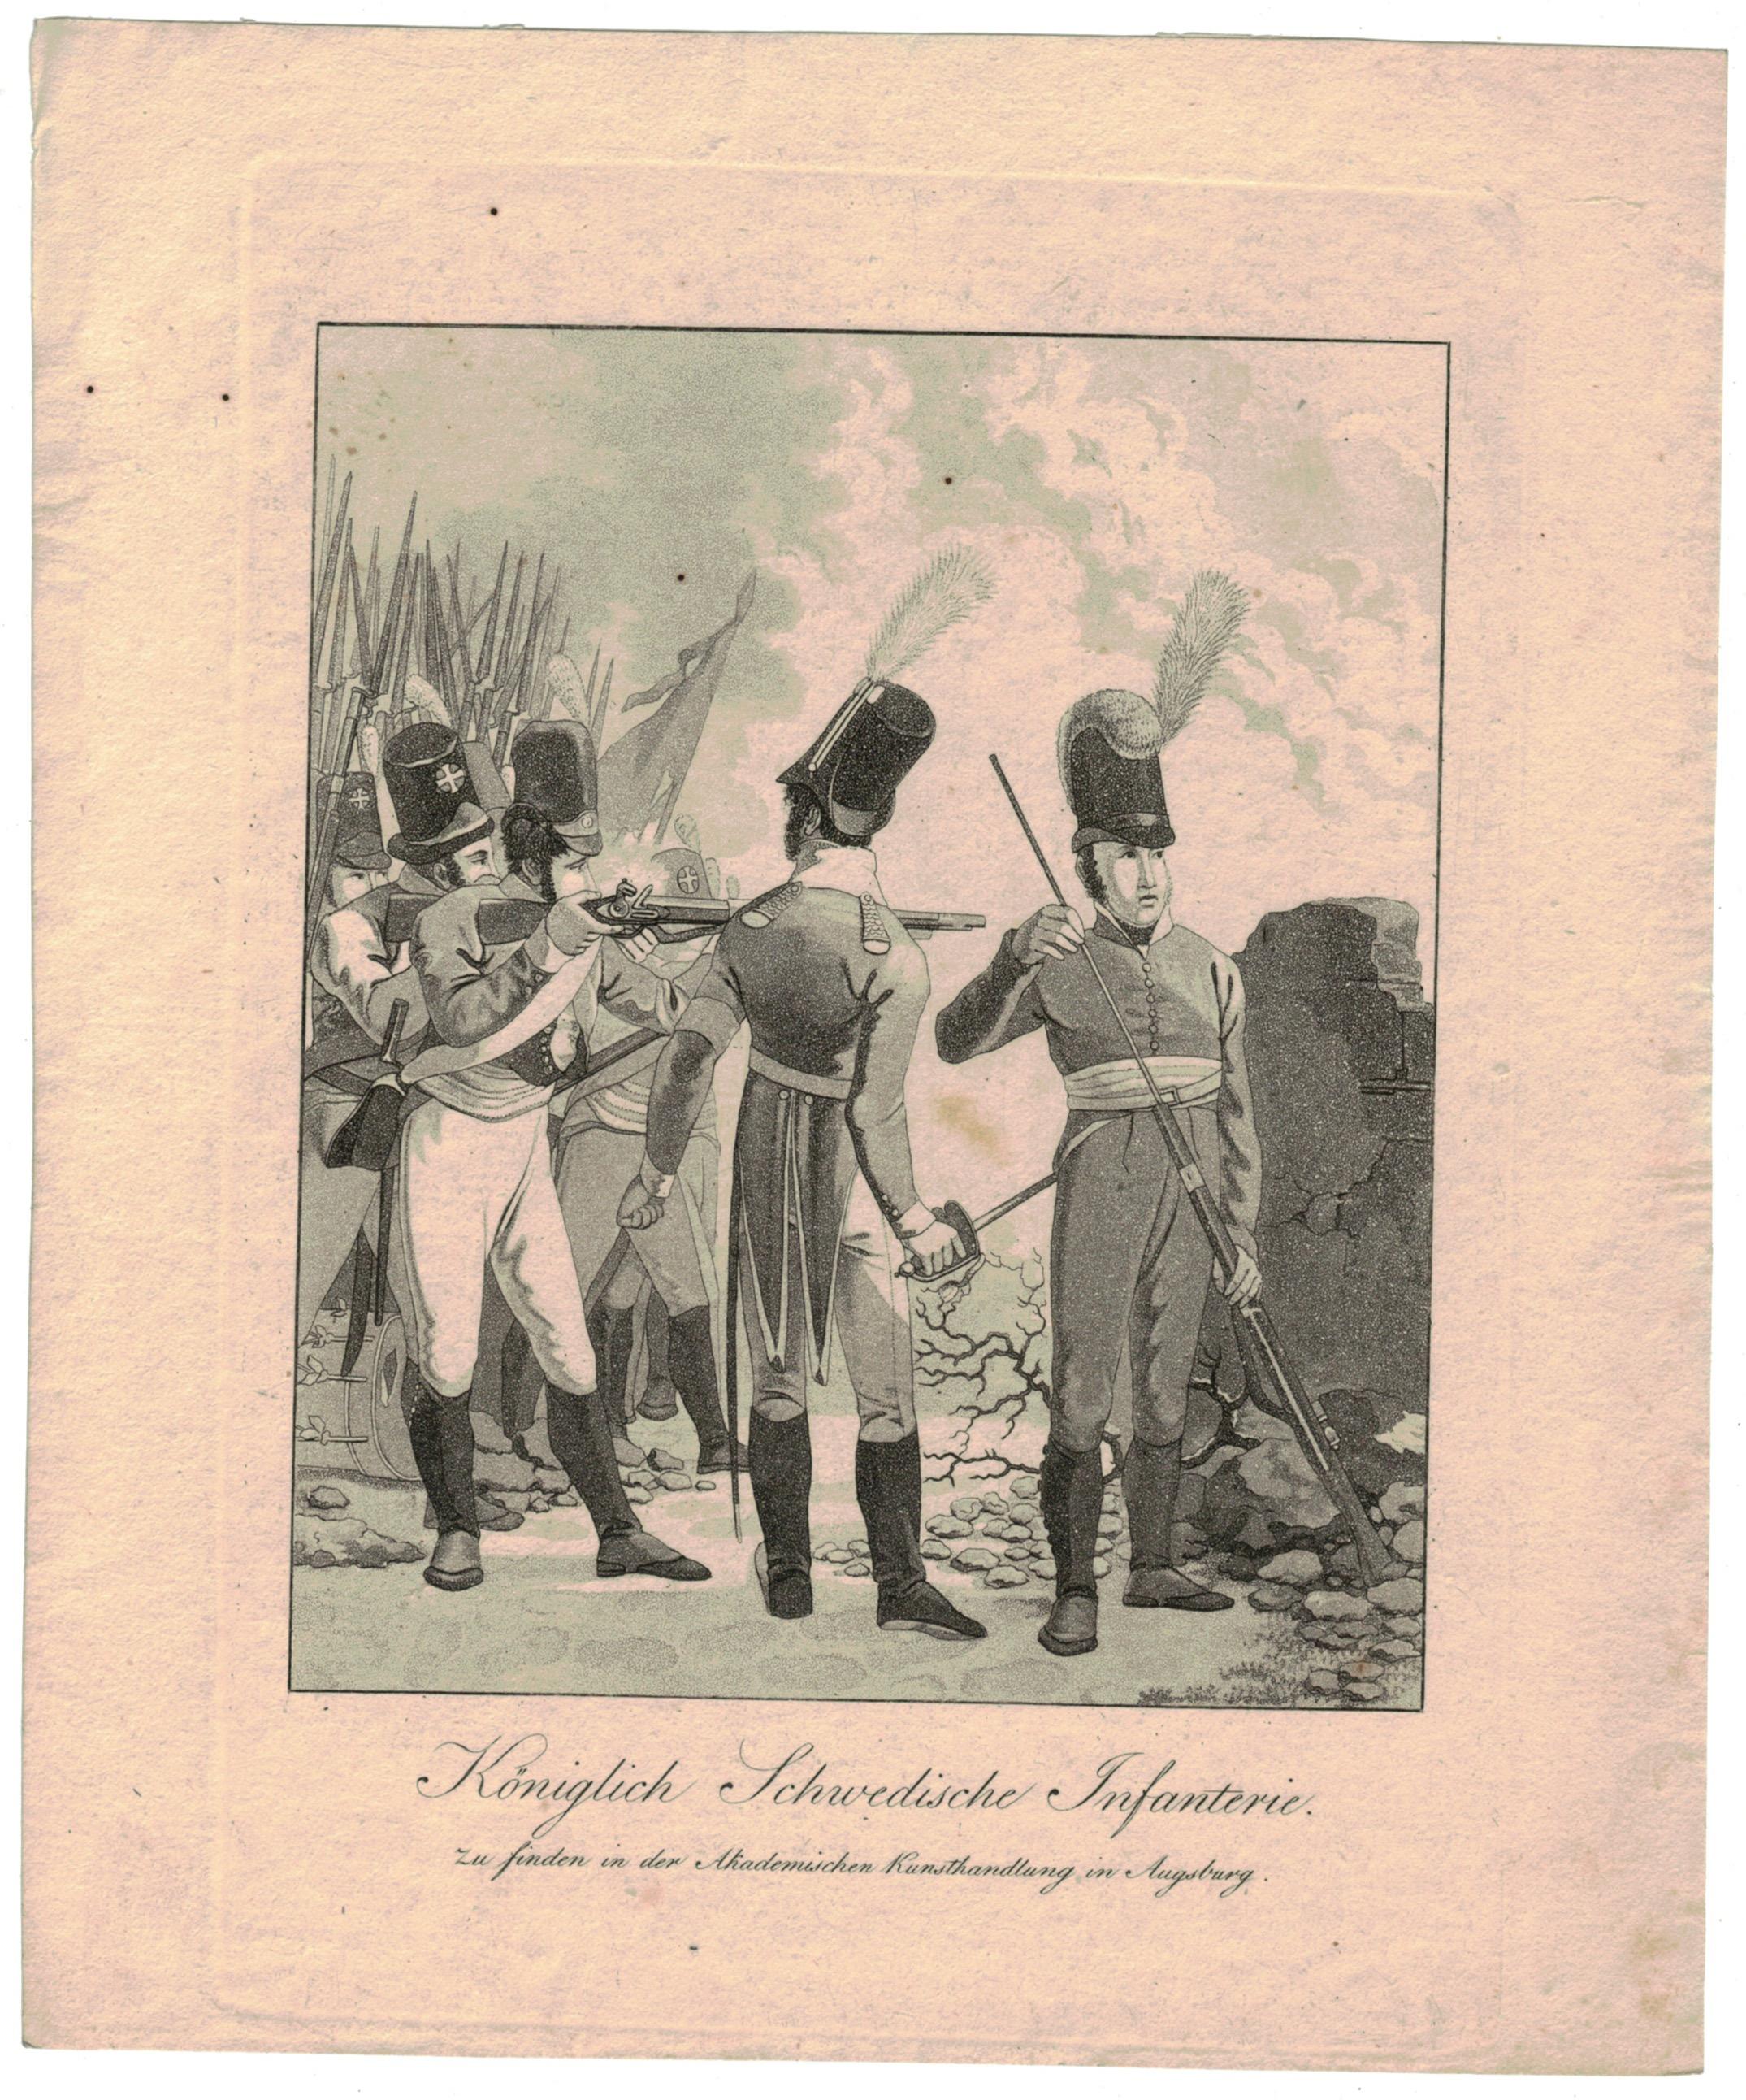 Gravure XIX - SEELE, VOLZ und EBNER - Troupes Suédoises - Infanterie - Uniforme - 1er Empire - Cira 1810